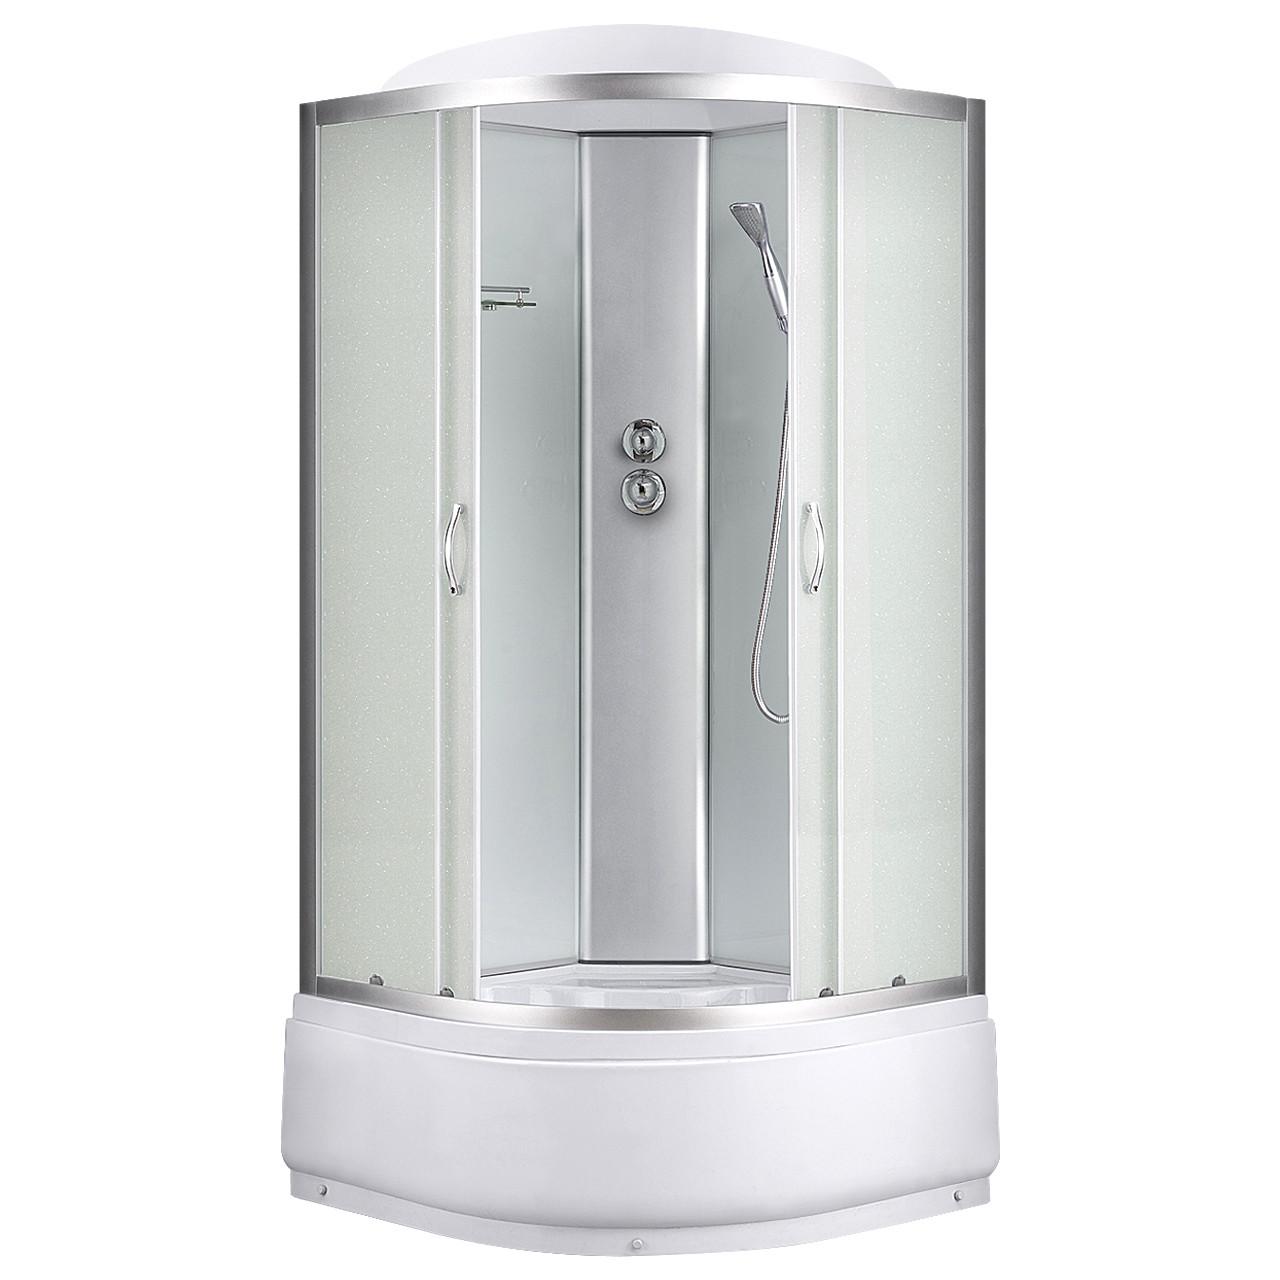 6690A, Sansa, гидробокс, 90 х 90 см, рама сатин, стекло матовое, заднее стекло белое